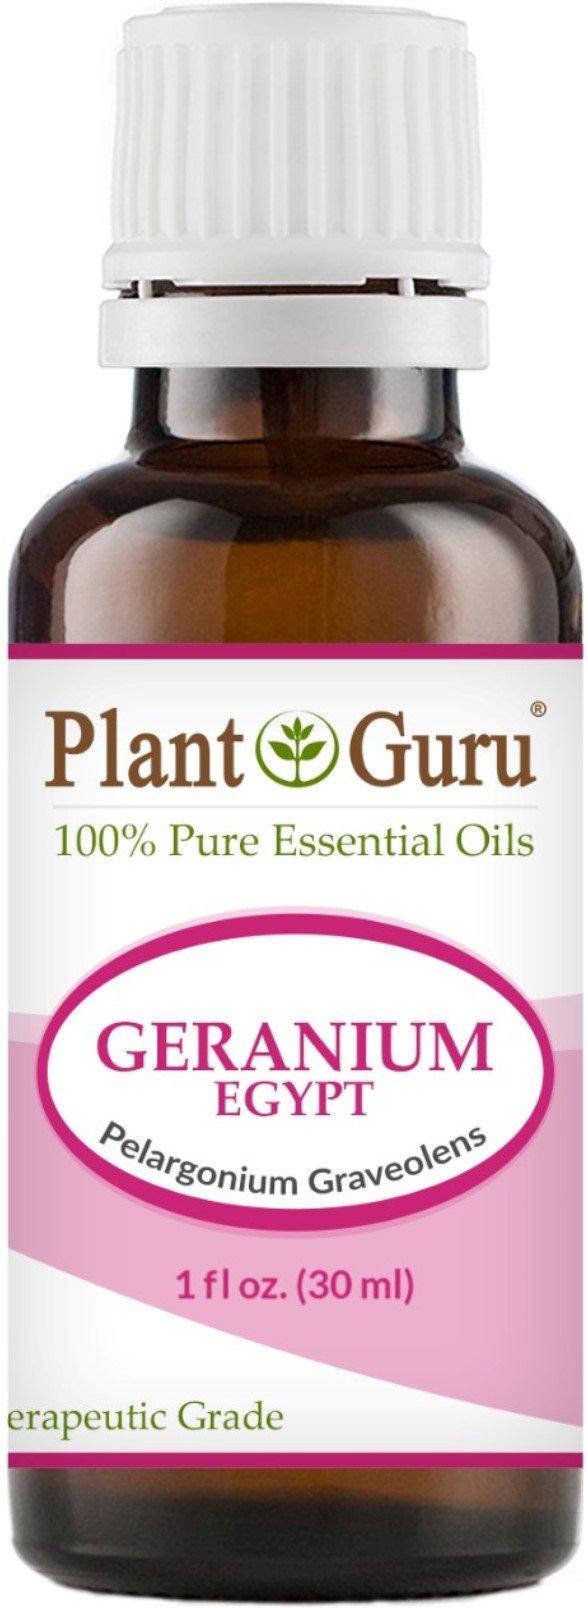 Geranium Egypt Essential Oil 30 ml. (1 oz) 100% Pure Undiluted Therapeutic Grade.